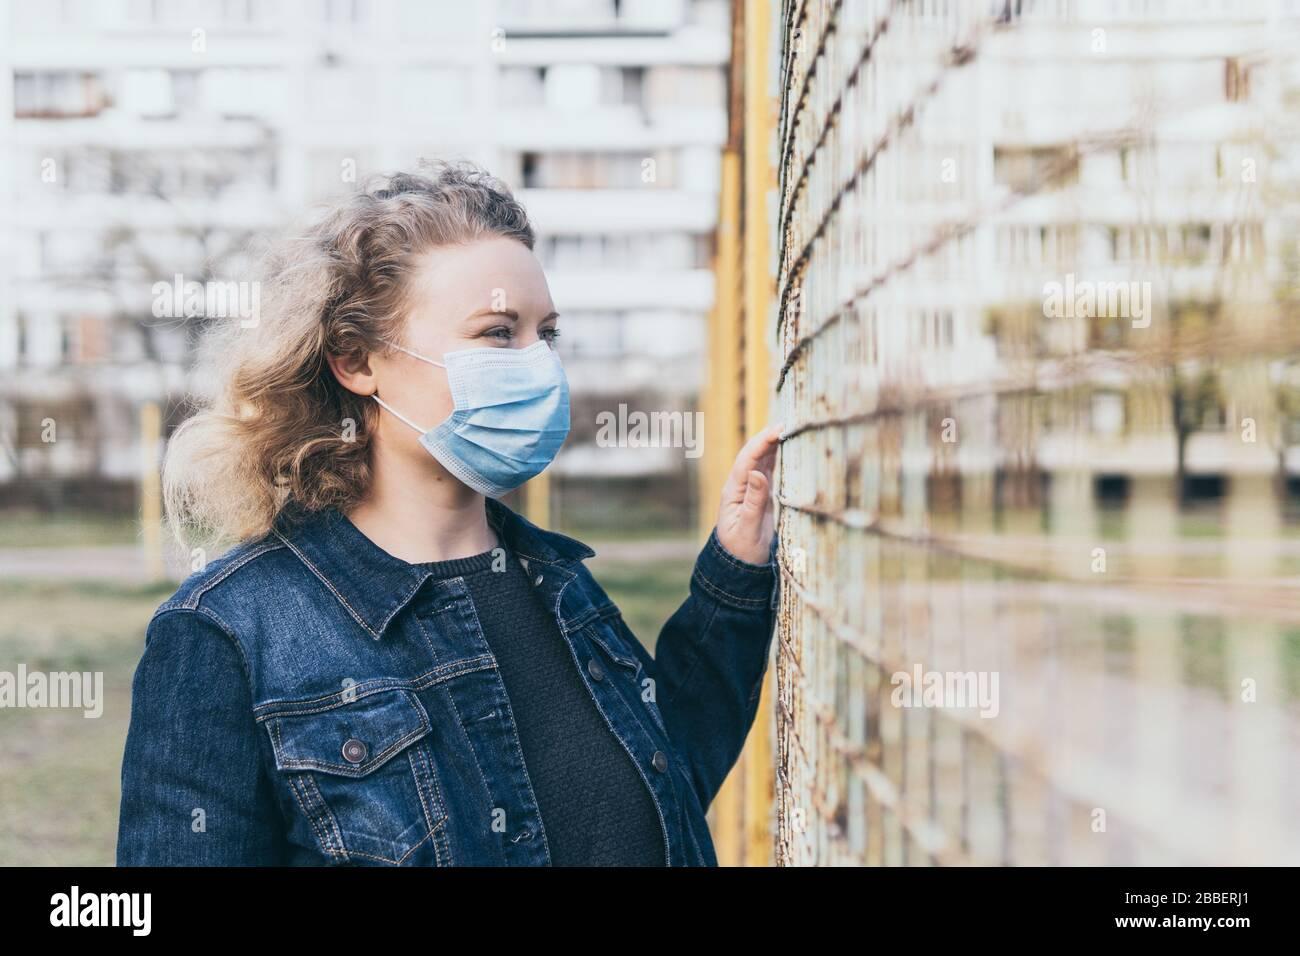 L'Europa orientale ha interessato la donna che indossa la maschera medica all'aperto, in piedi vicino alla recinzione di maglia con l'edificio residenziale sullo sfondo. Virus corona Foto Stock